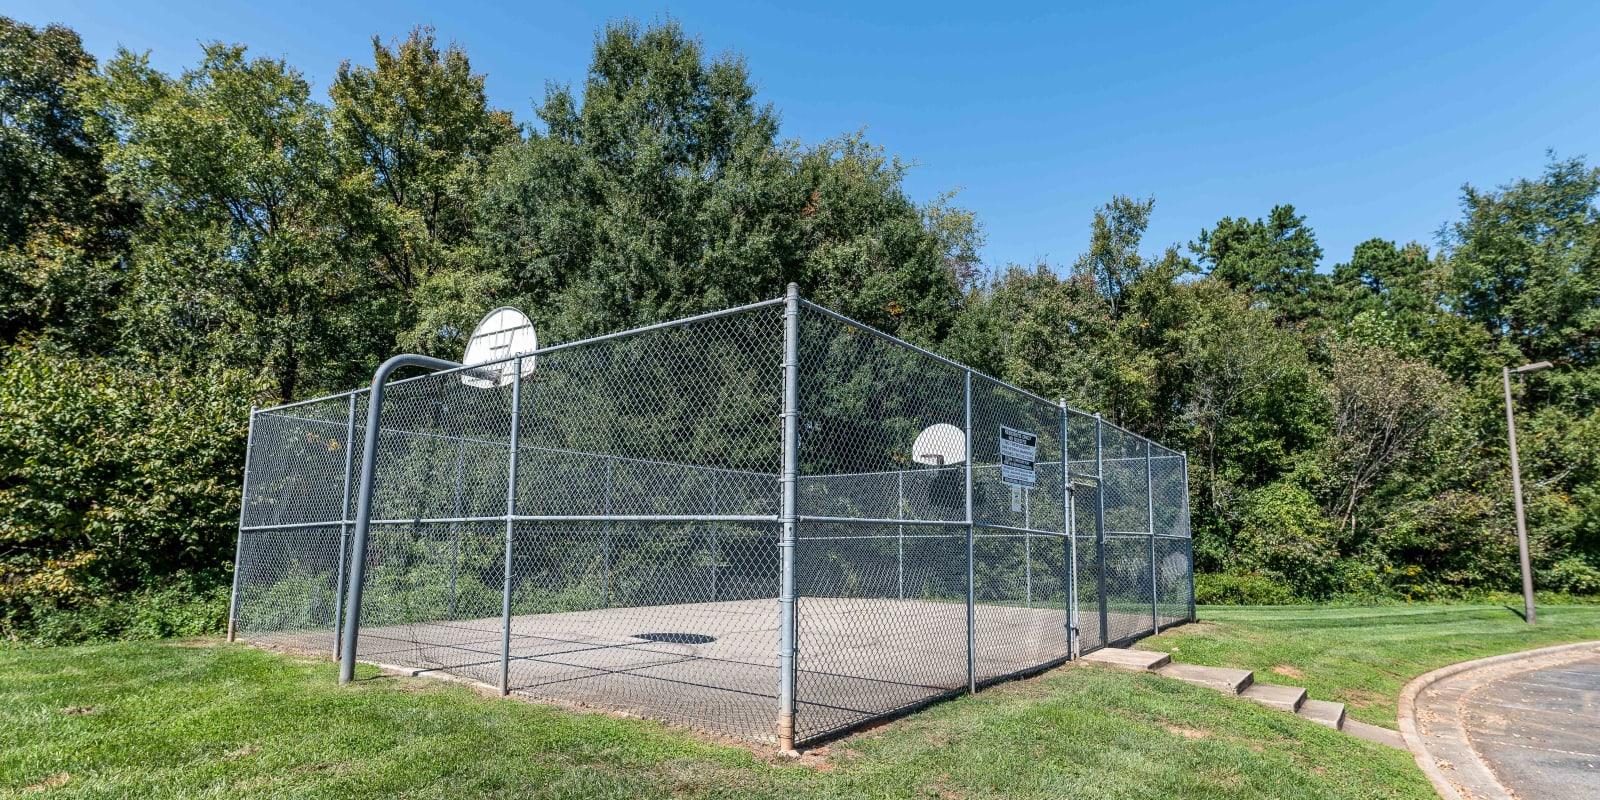 Basketball Court at Kannan Station Apartment Homes in Kannapolis, North Carolina